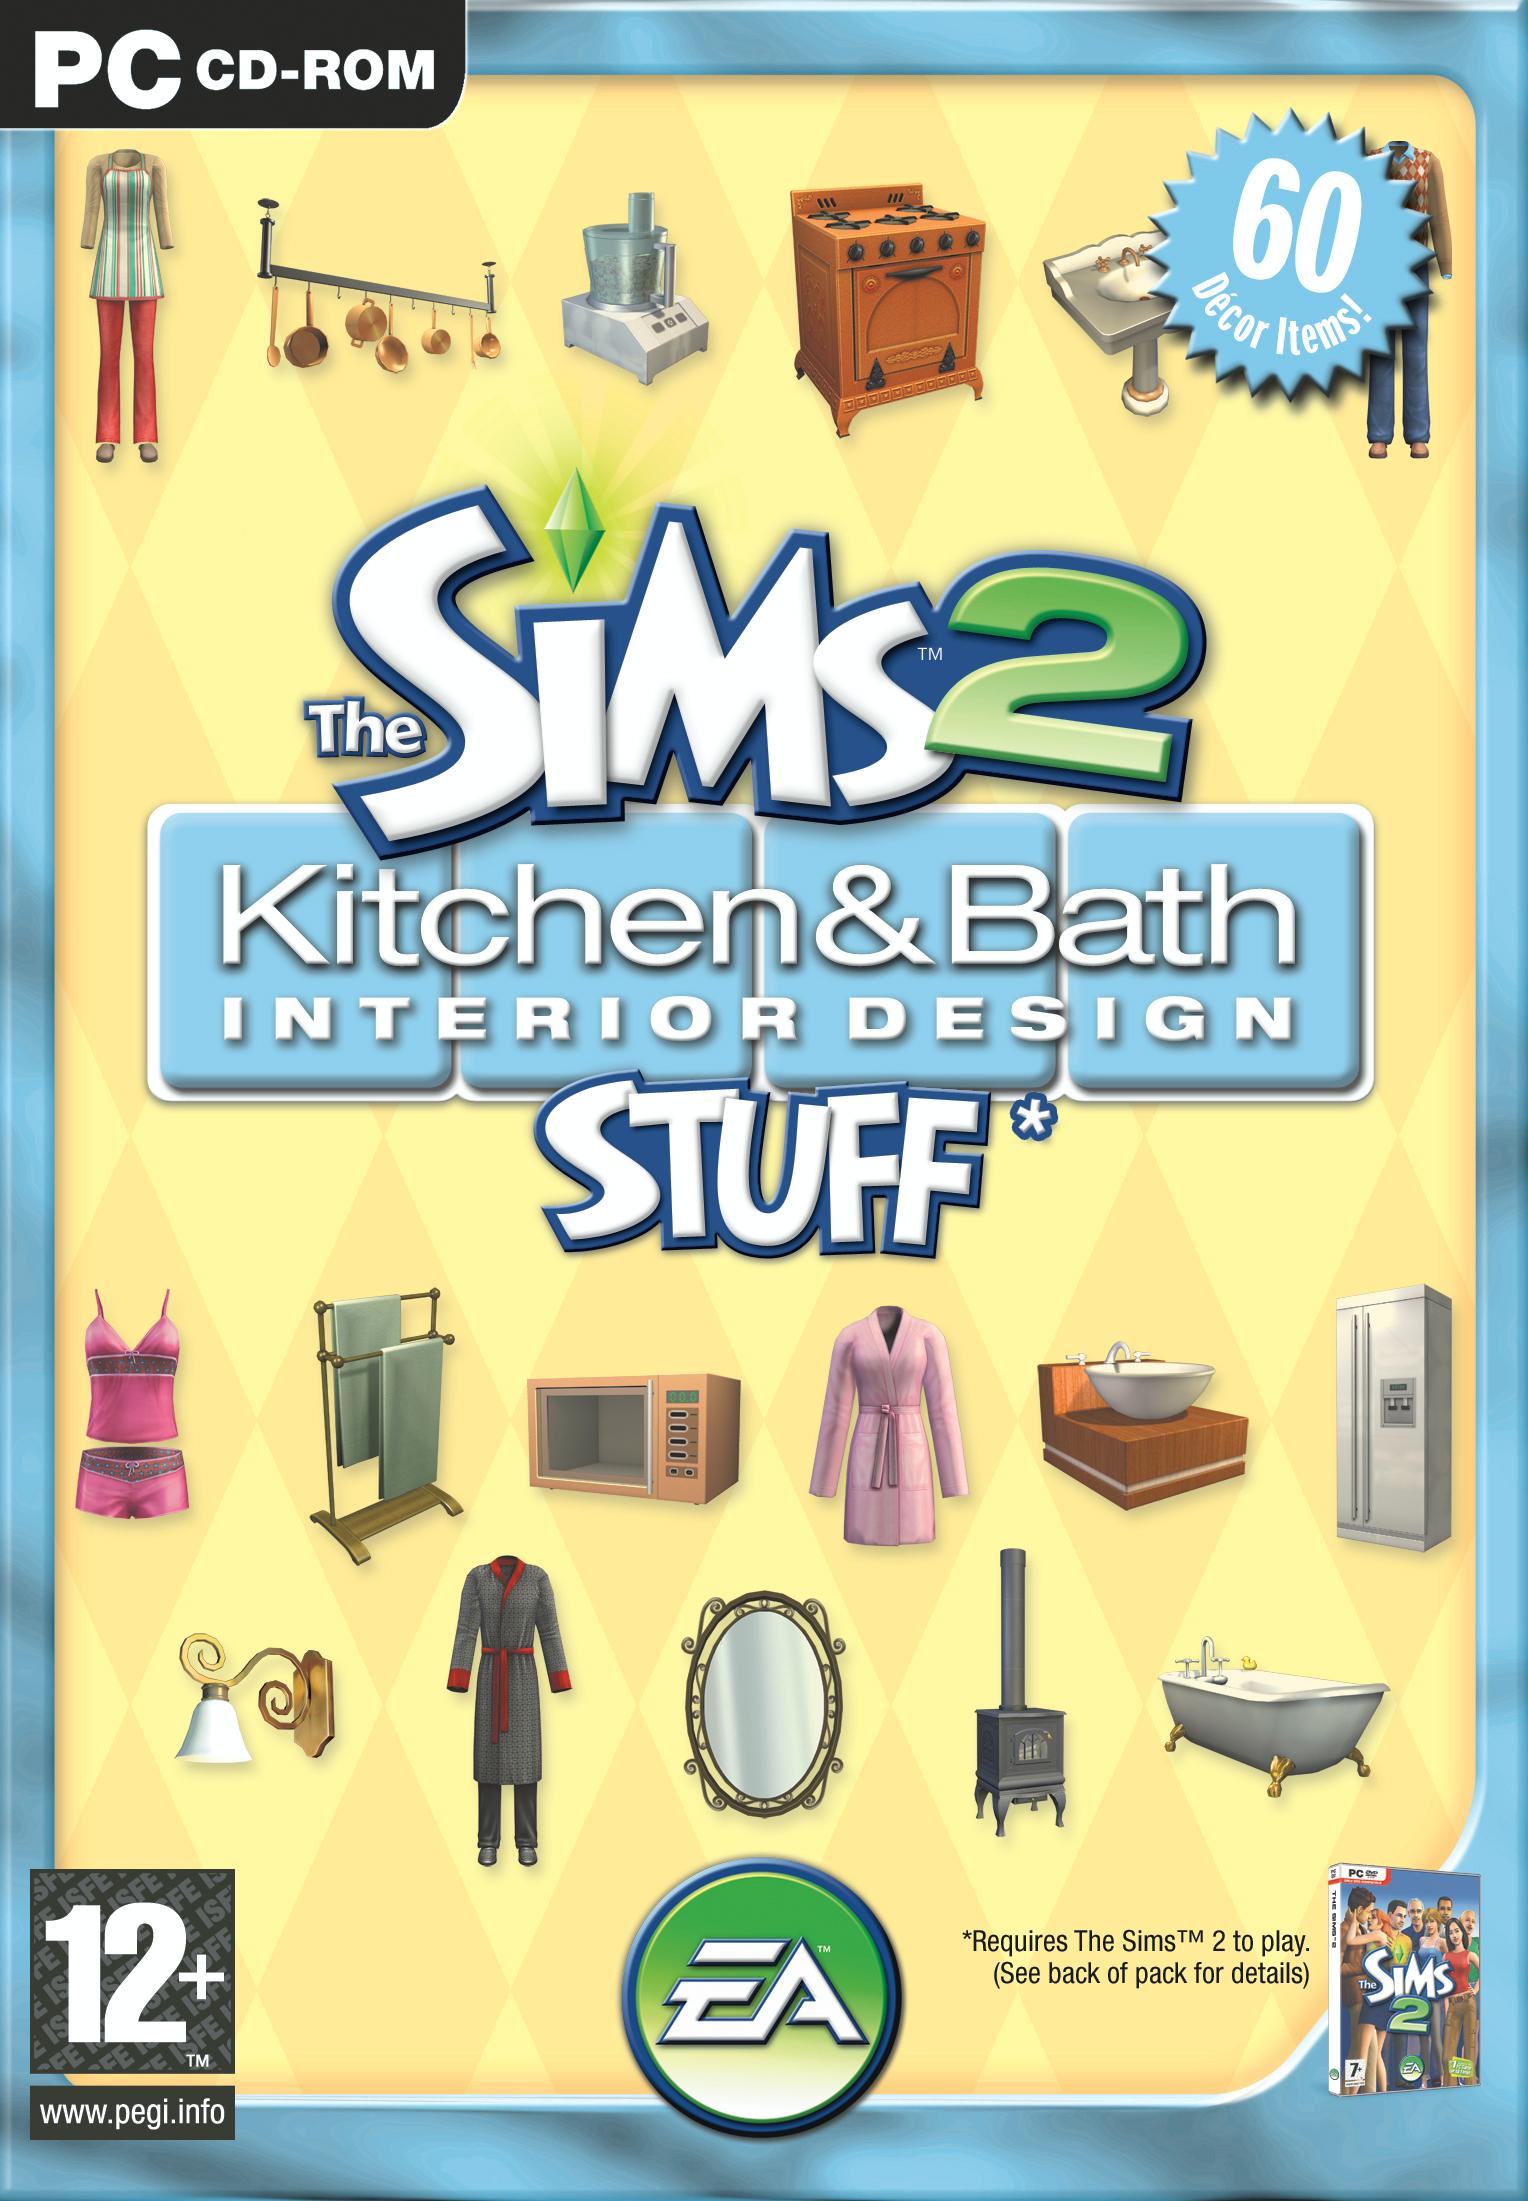 File:The Sims 2 Kitchen & Bath Interior Design Stuff Cover.jpg